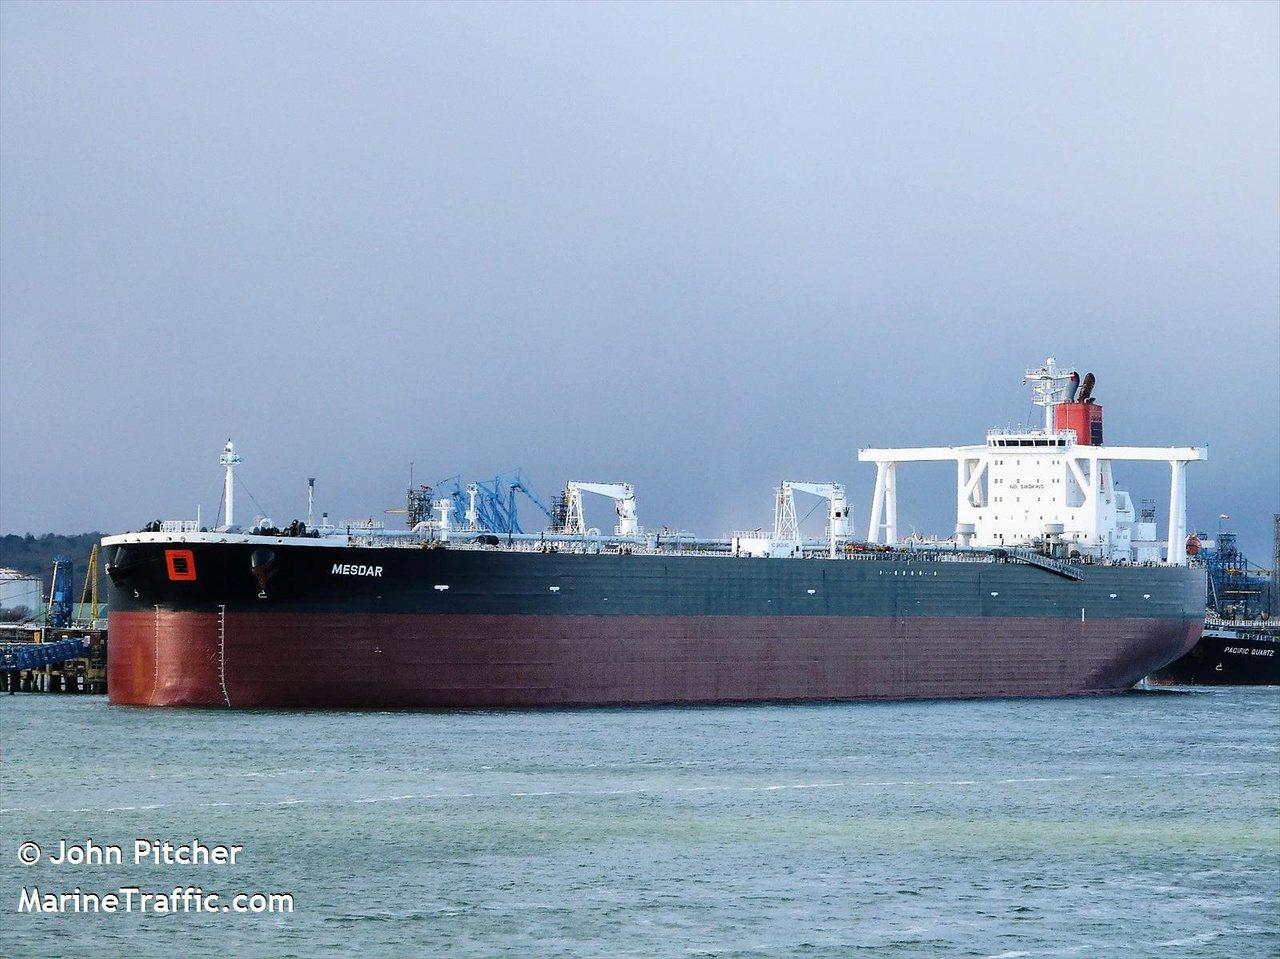 英國油輪Mesdar遭伊朗短暫扣押,隨後獲放行。路透